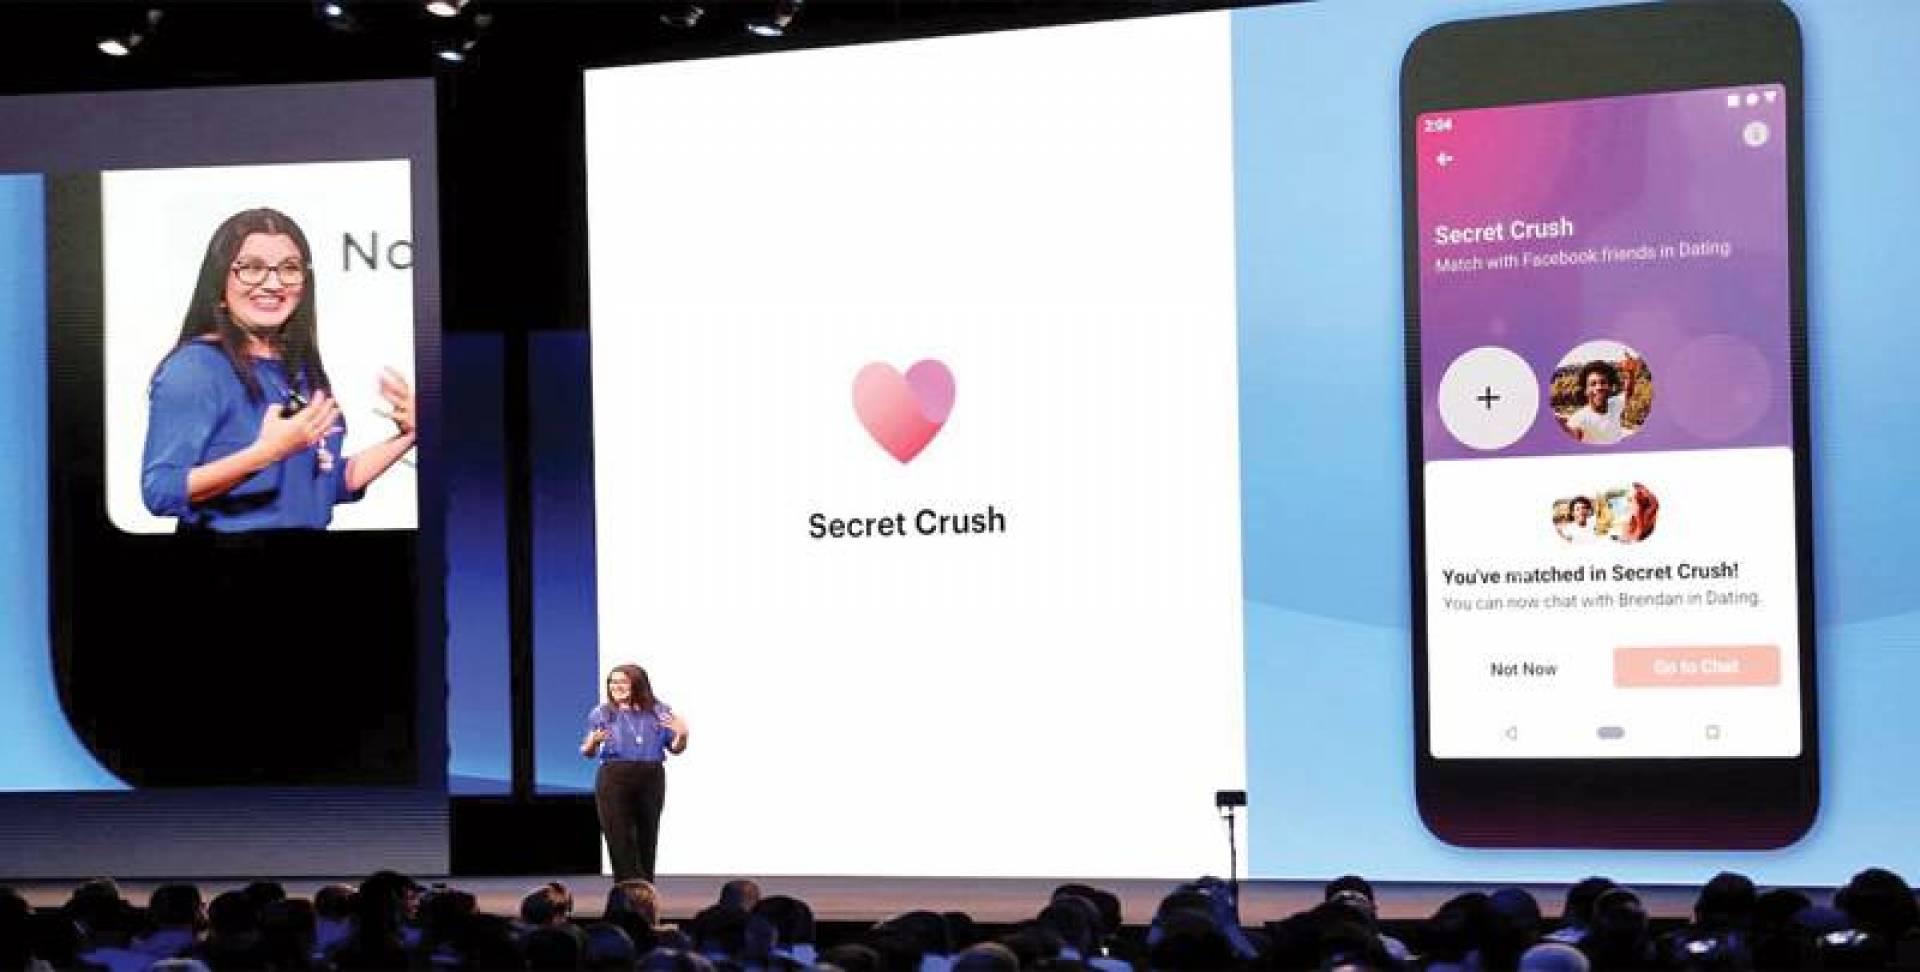 «فيسبوك» تخترق «المحظور».. بتطبيق جديد للمواعدة